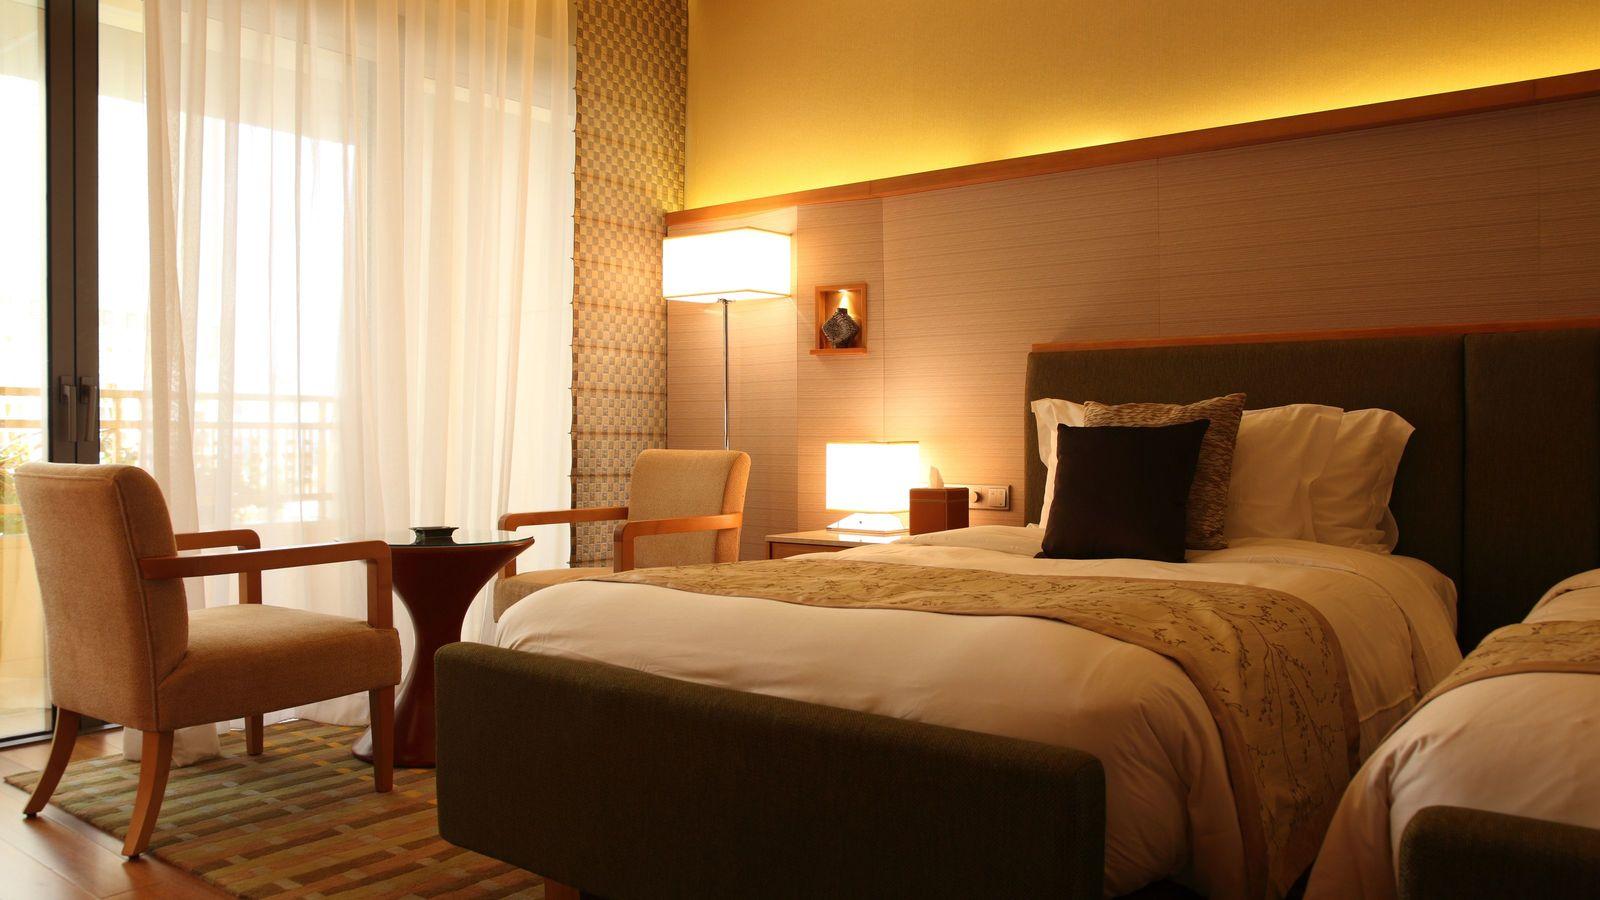 ビジネス客がアパホテルのリピーターになる訳 東京五輪後にシェア20%を目指す